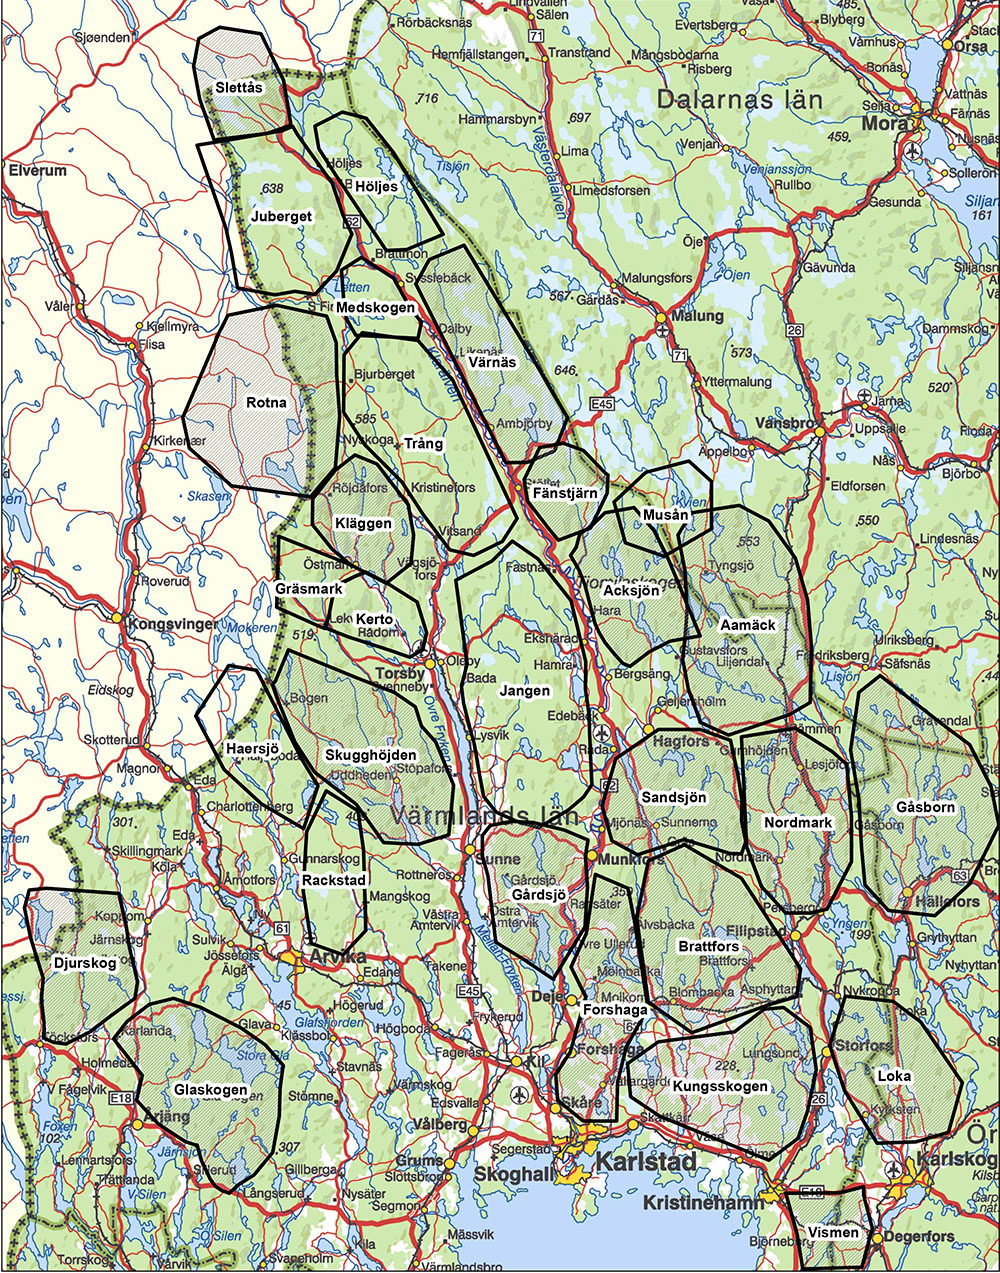 karta över dalarna och värmland 29 vargrevir i länet karta över dalarna och värmland